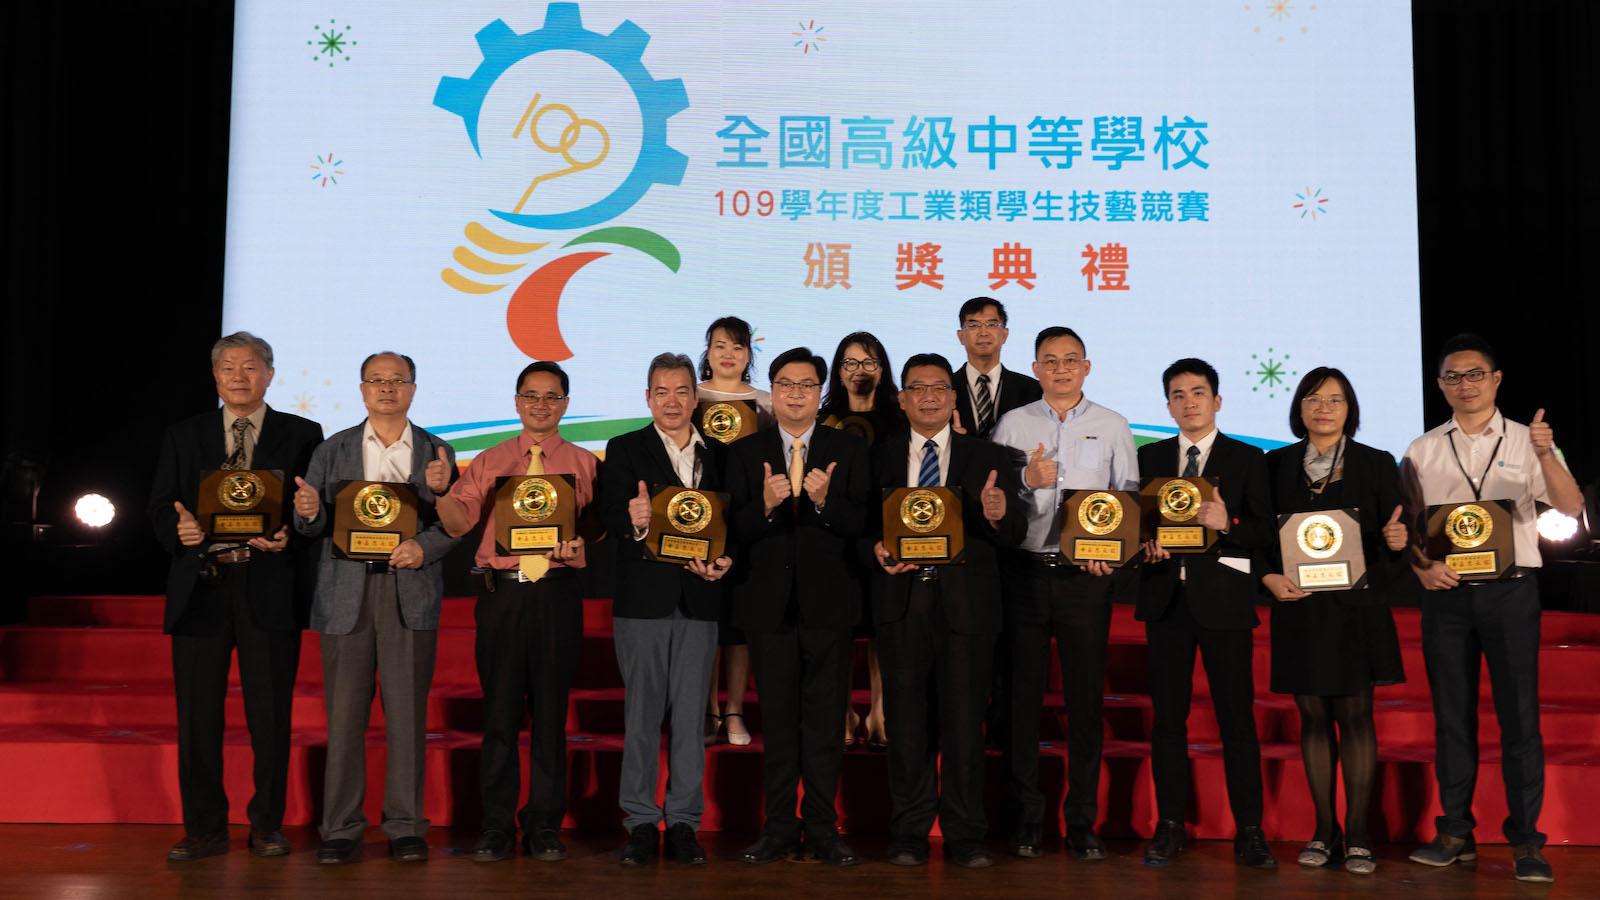 Honda Taiwan 擴大 Hybrid 引擎及重機捐贈 培育車輛工業技職人材